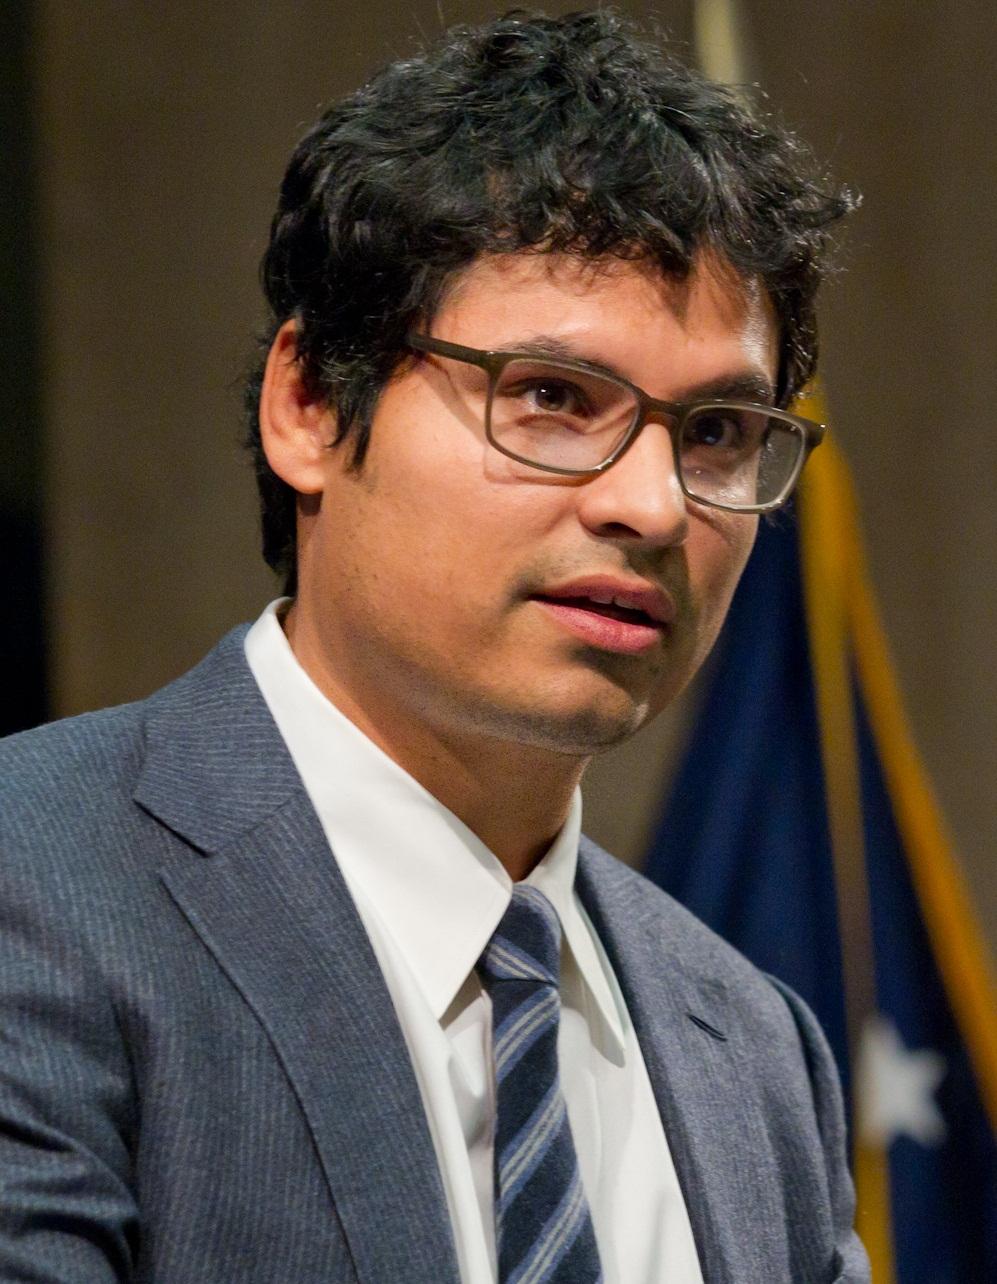 Carlos pena dating history